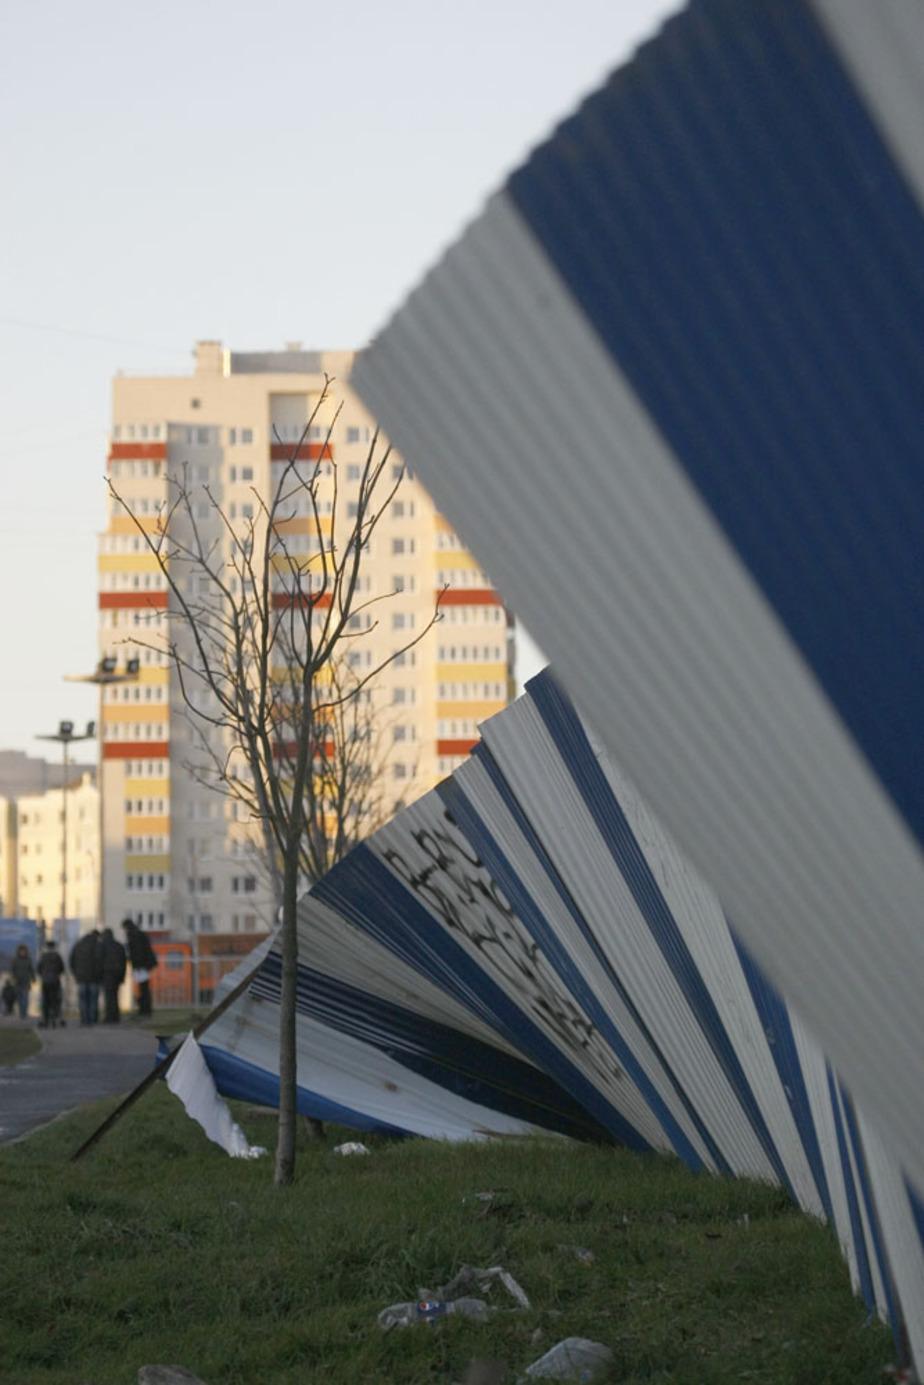 В Калининграде ожидается сильный ветер и дождь - Новости Калининграда